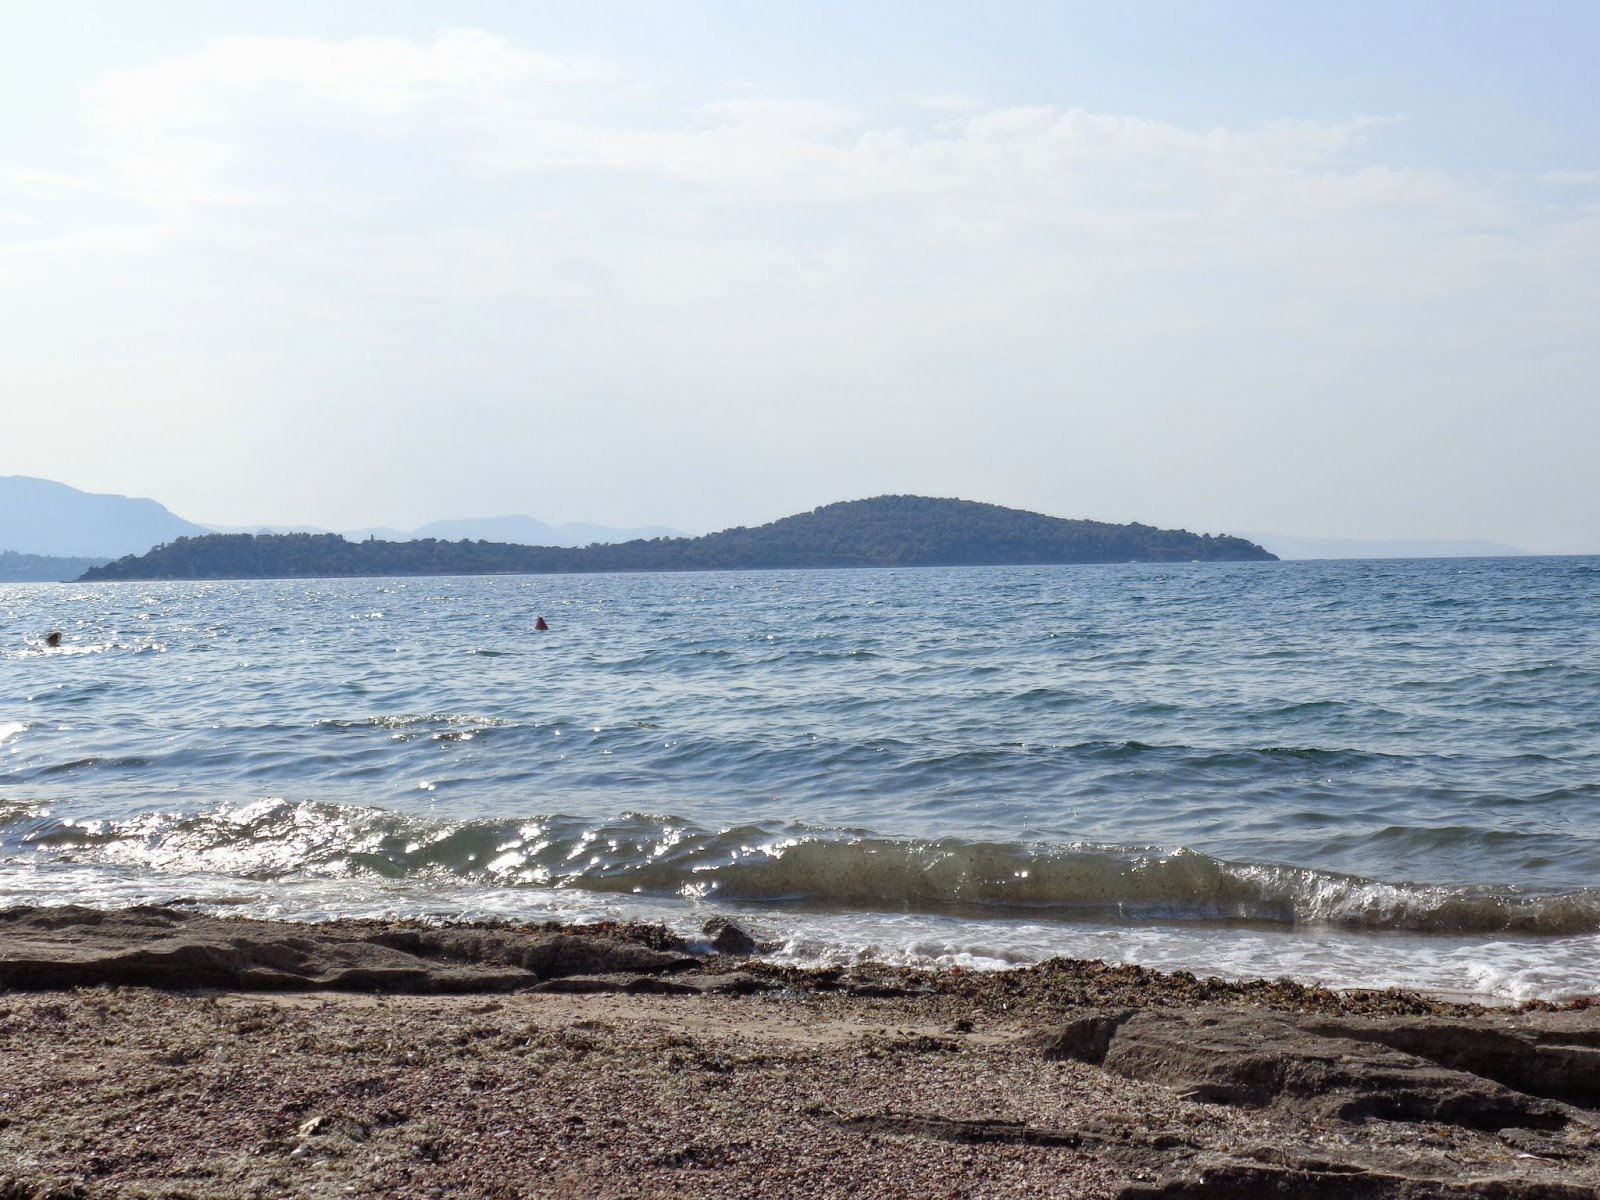 a8609b011b Και με αυτή την υπέροχη εικόνα της θάλασσας σας αποχαιρετώ (μέχρι το  επόμενο ποστ